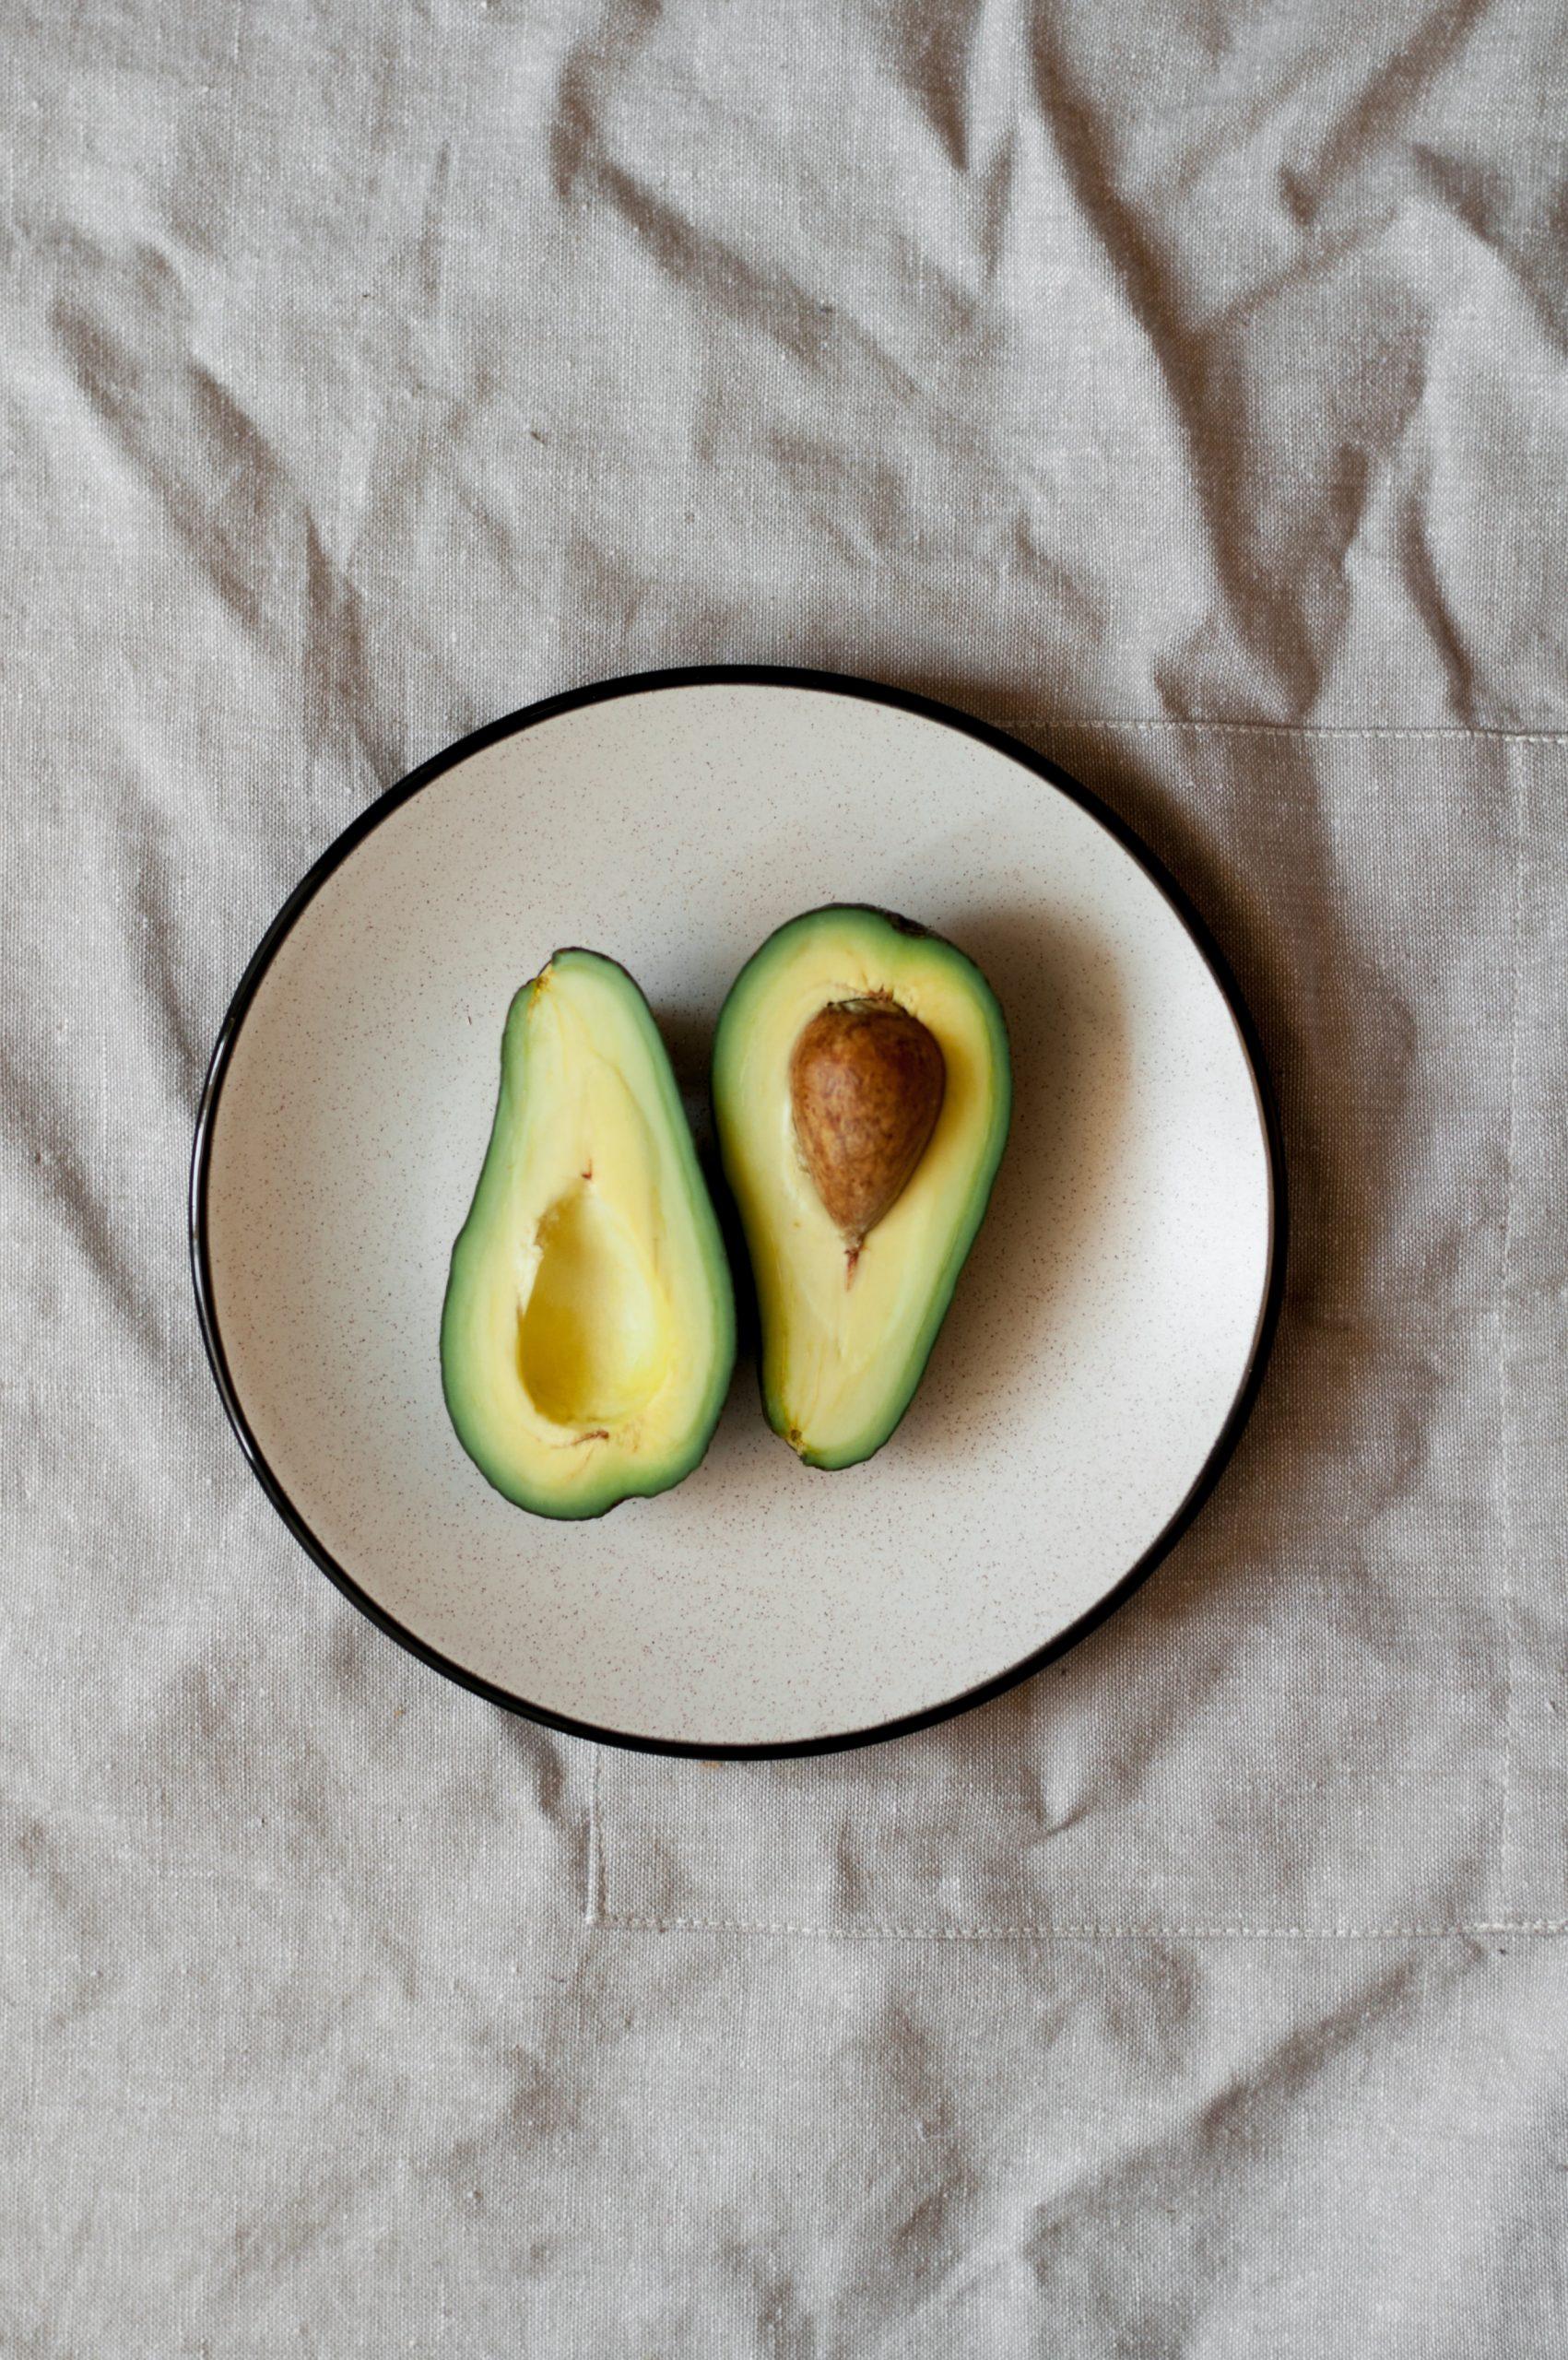 דיאטה בעלת תכולה בינונית של שומן, שכוללת אבוקדו אחד ליום, מגבירה את רמות החומרים נוגדי-החימצון בפלסמה ומפחיתה את חימצון חלקיקי ה-LDL-כולסטרול הצפופים הקטנים במבוגרים בעודף משקל ושמנים: ניסוי קליני אקראי מבוקר